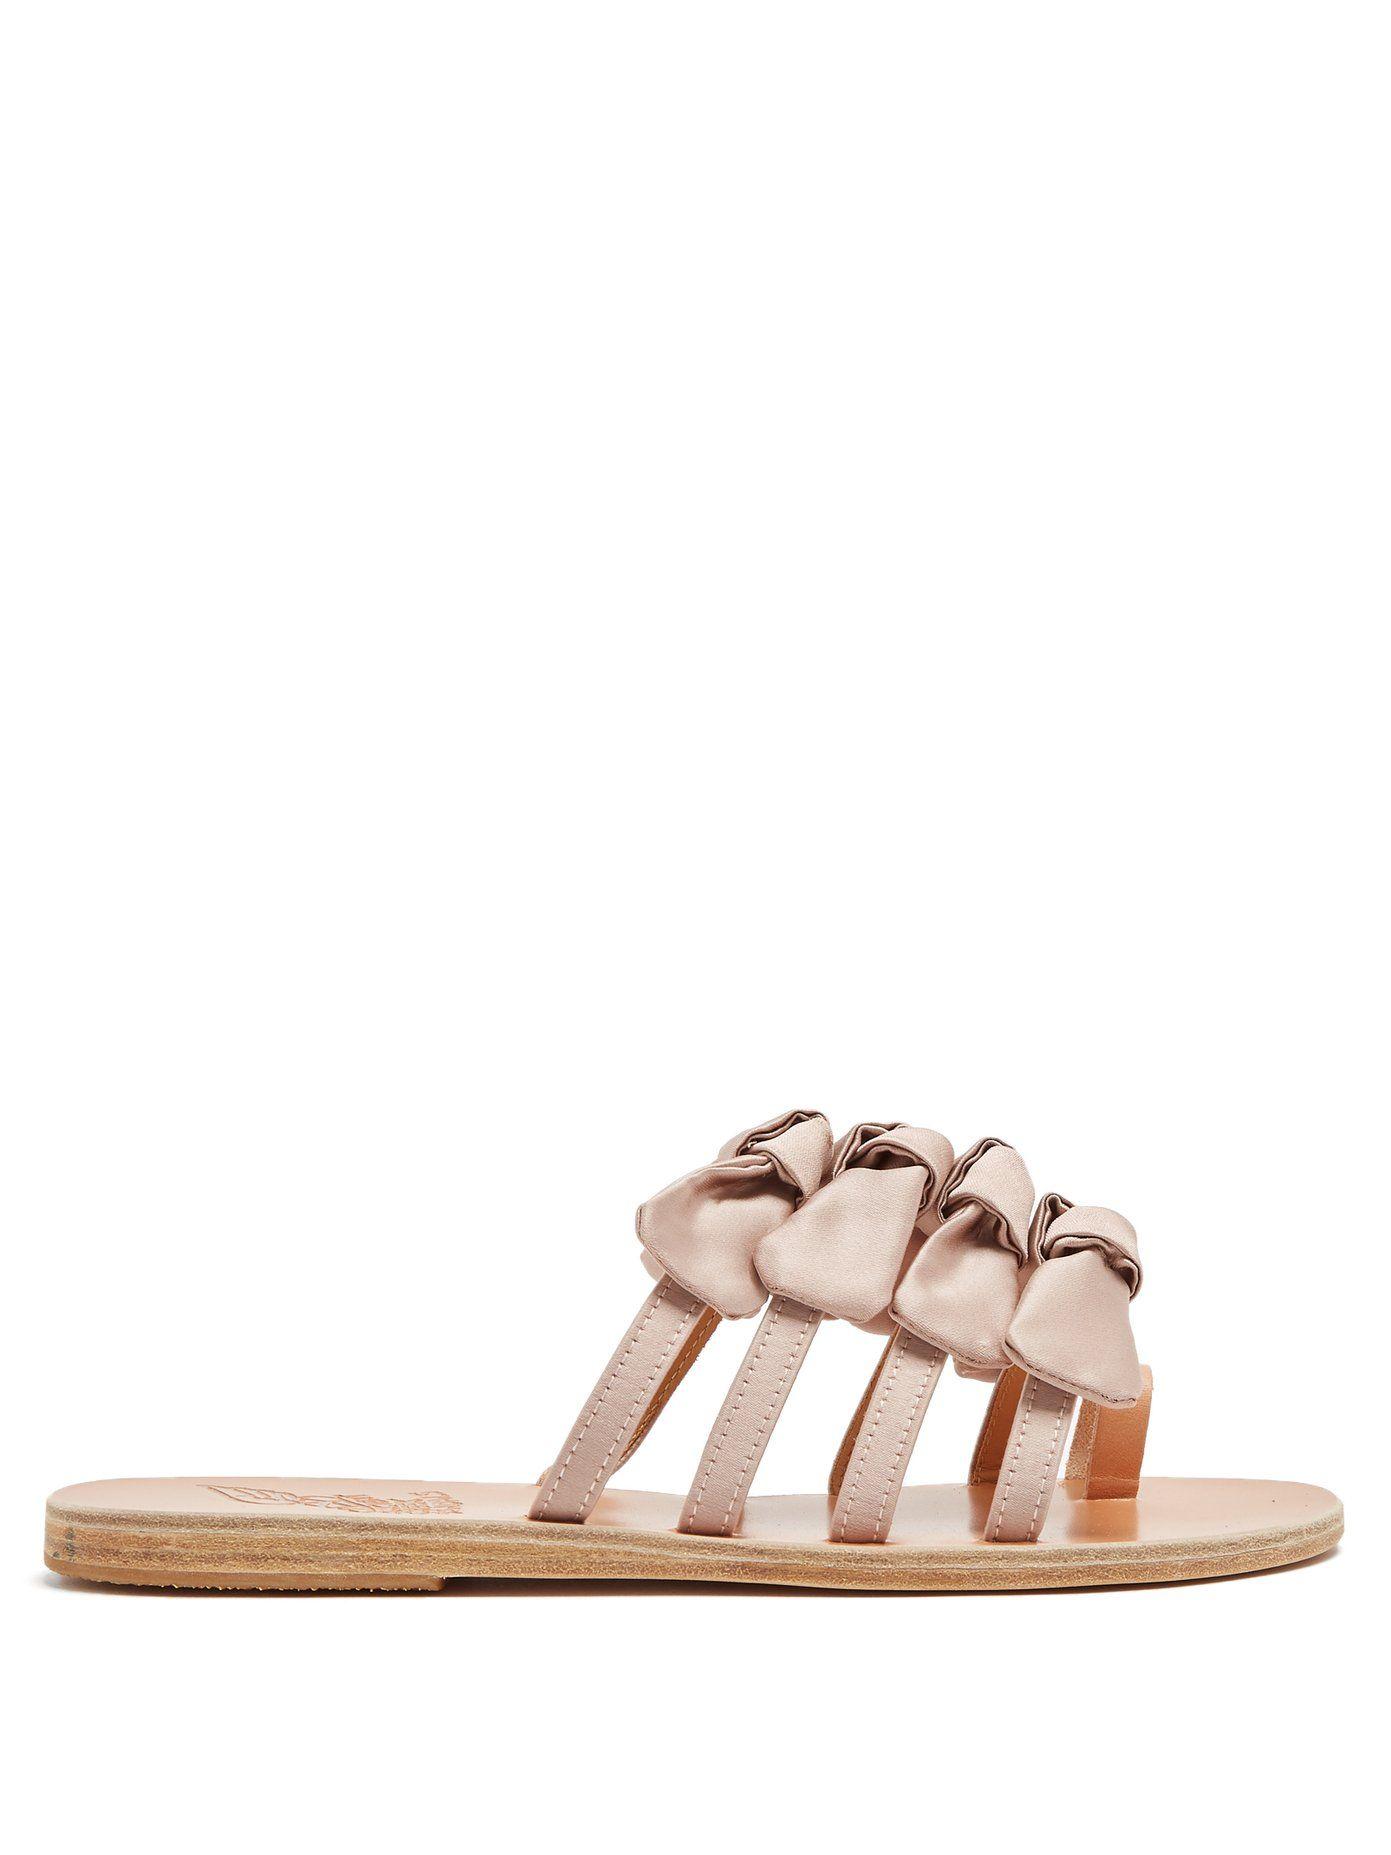 Ancient Greek Sandalswhite and black hara satin and leather sandals Meilleure Vente À Vendre Expédition Bas Pas Cher nymn7XTqt